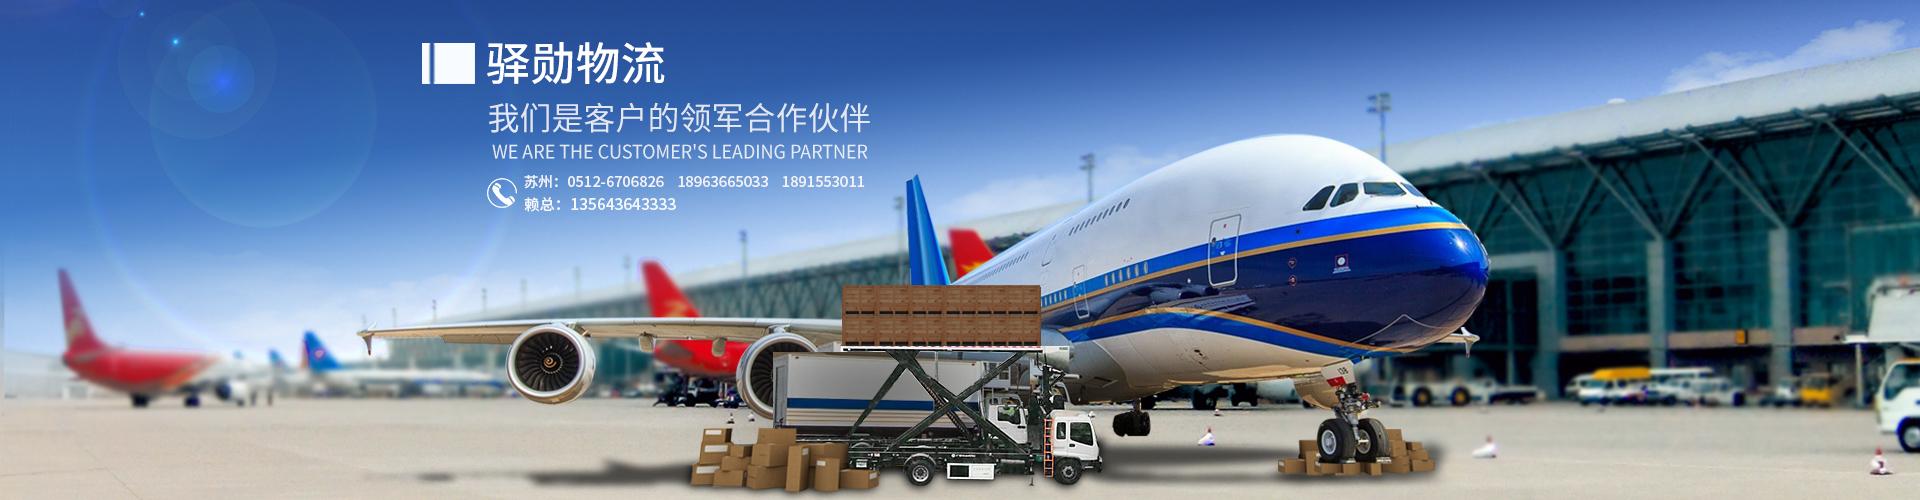 上海到新疆物流专线,